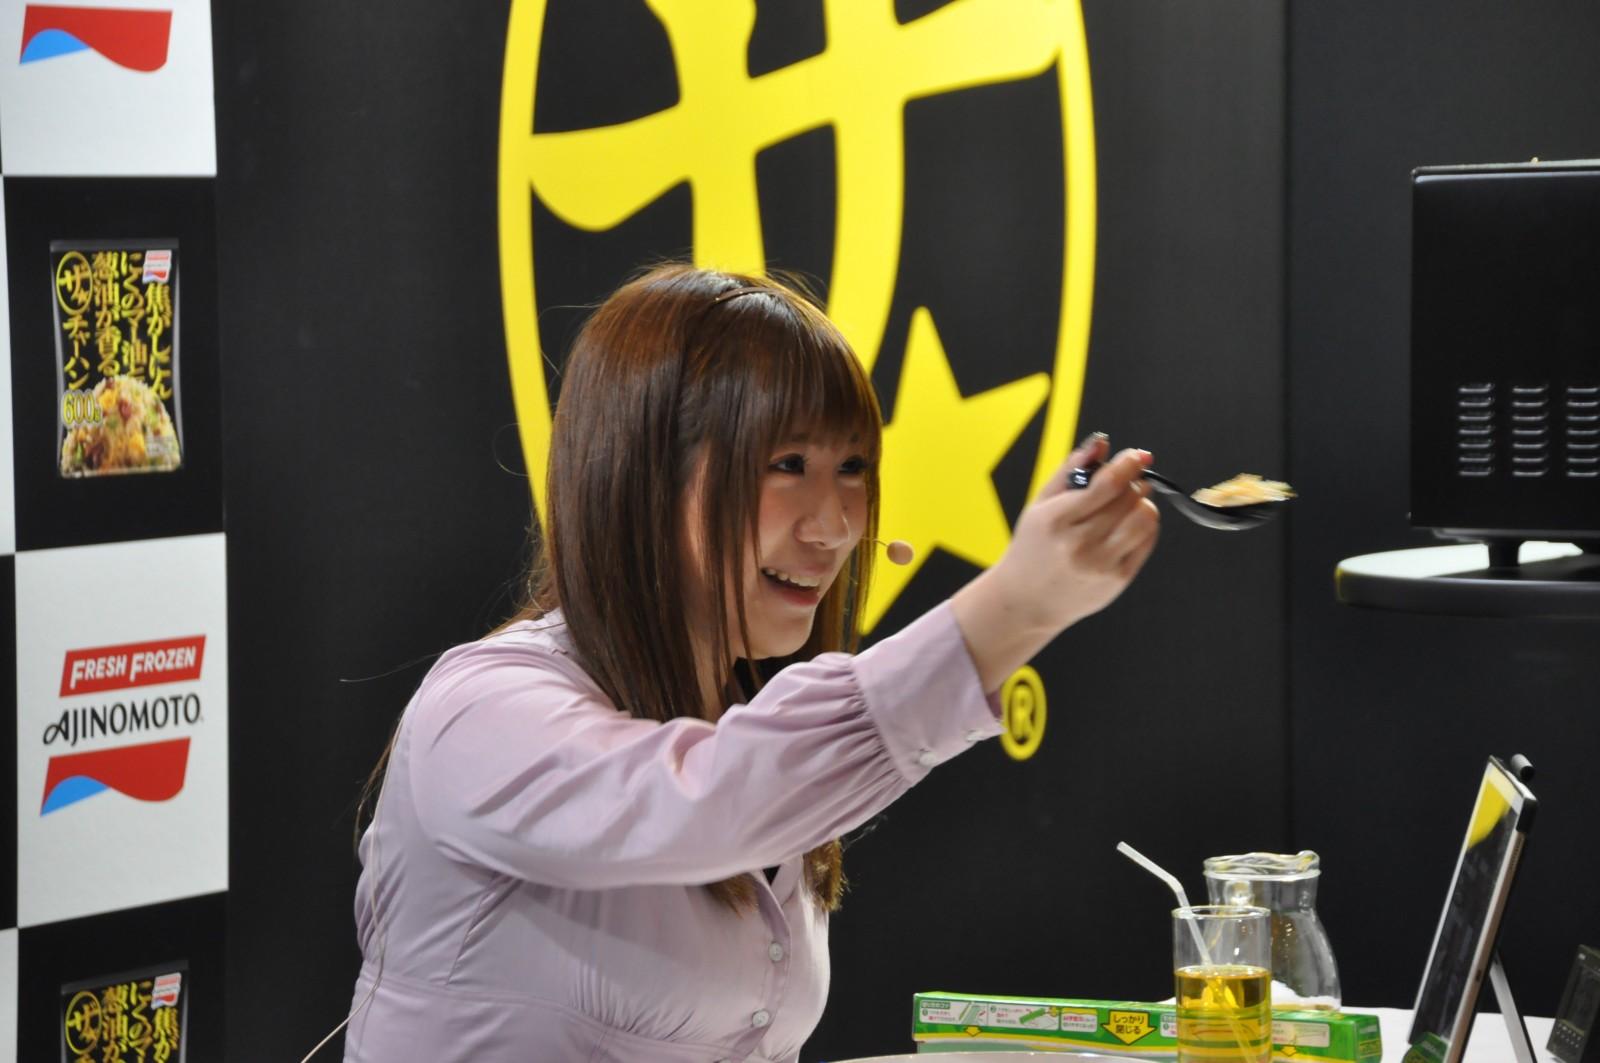 「ニコニコ超会議2019」 味の素冷凍食品「ザ★チャーハン」ブース盛り上がる